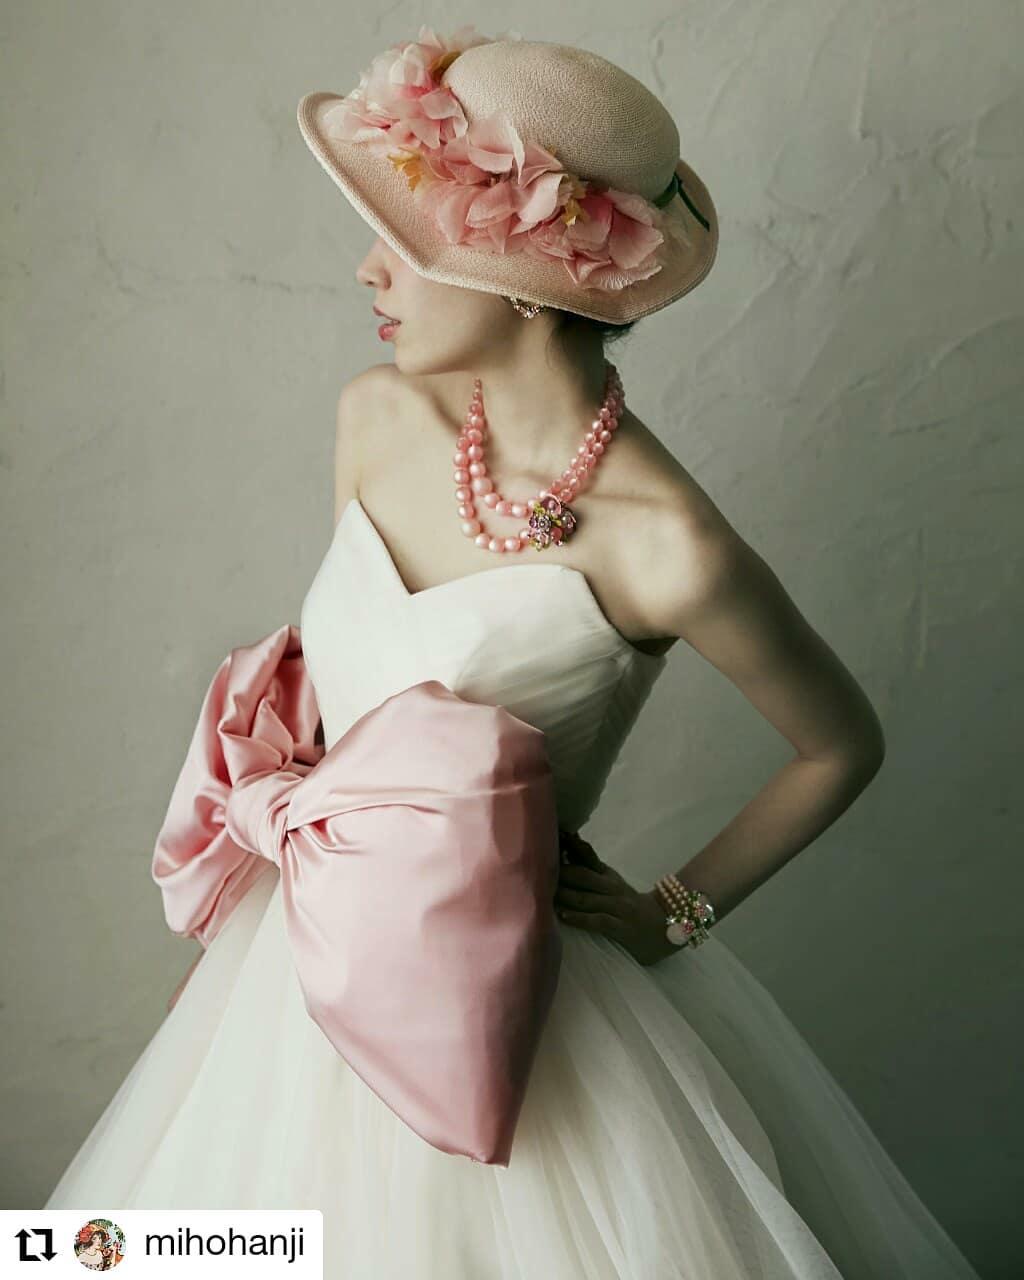 ピンクなスタイリング♬ファイト!#Repost @mihohanji• • • • • •たまには王道もやりましょう、って編集部から言われたので、「ピンク」をテーマにしてみた。なんだかんだ言ってやっぱりピンクはかわいいな。#ピンク#ビンテージハット#ドリアングレイ#ベルカプリ#サテンリボン#ウエストマーク#wedding#判治ミホ#スタイリング#スタイリスト#ウエディング#会場装飾